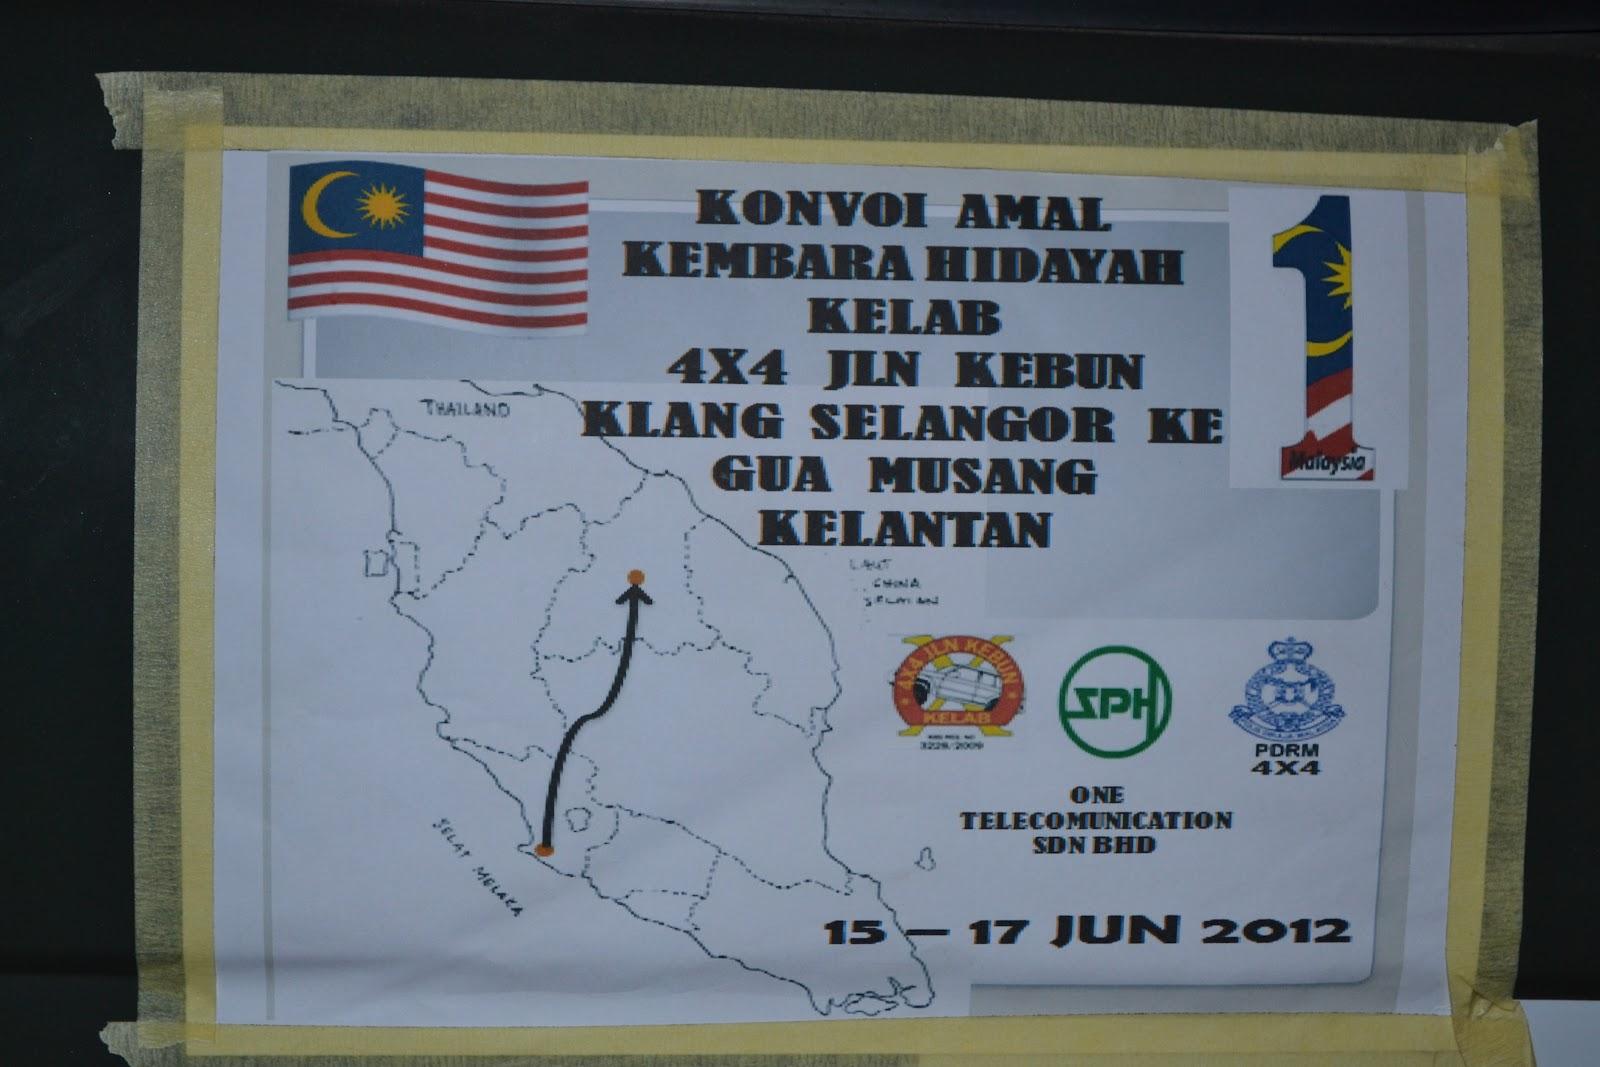 KEMBARA HIDAYAH 2012 KAMPUNG TUEL, GUA MUSANG